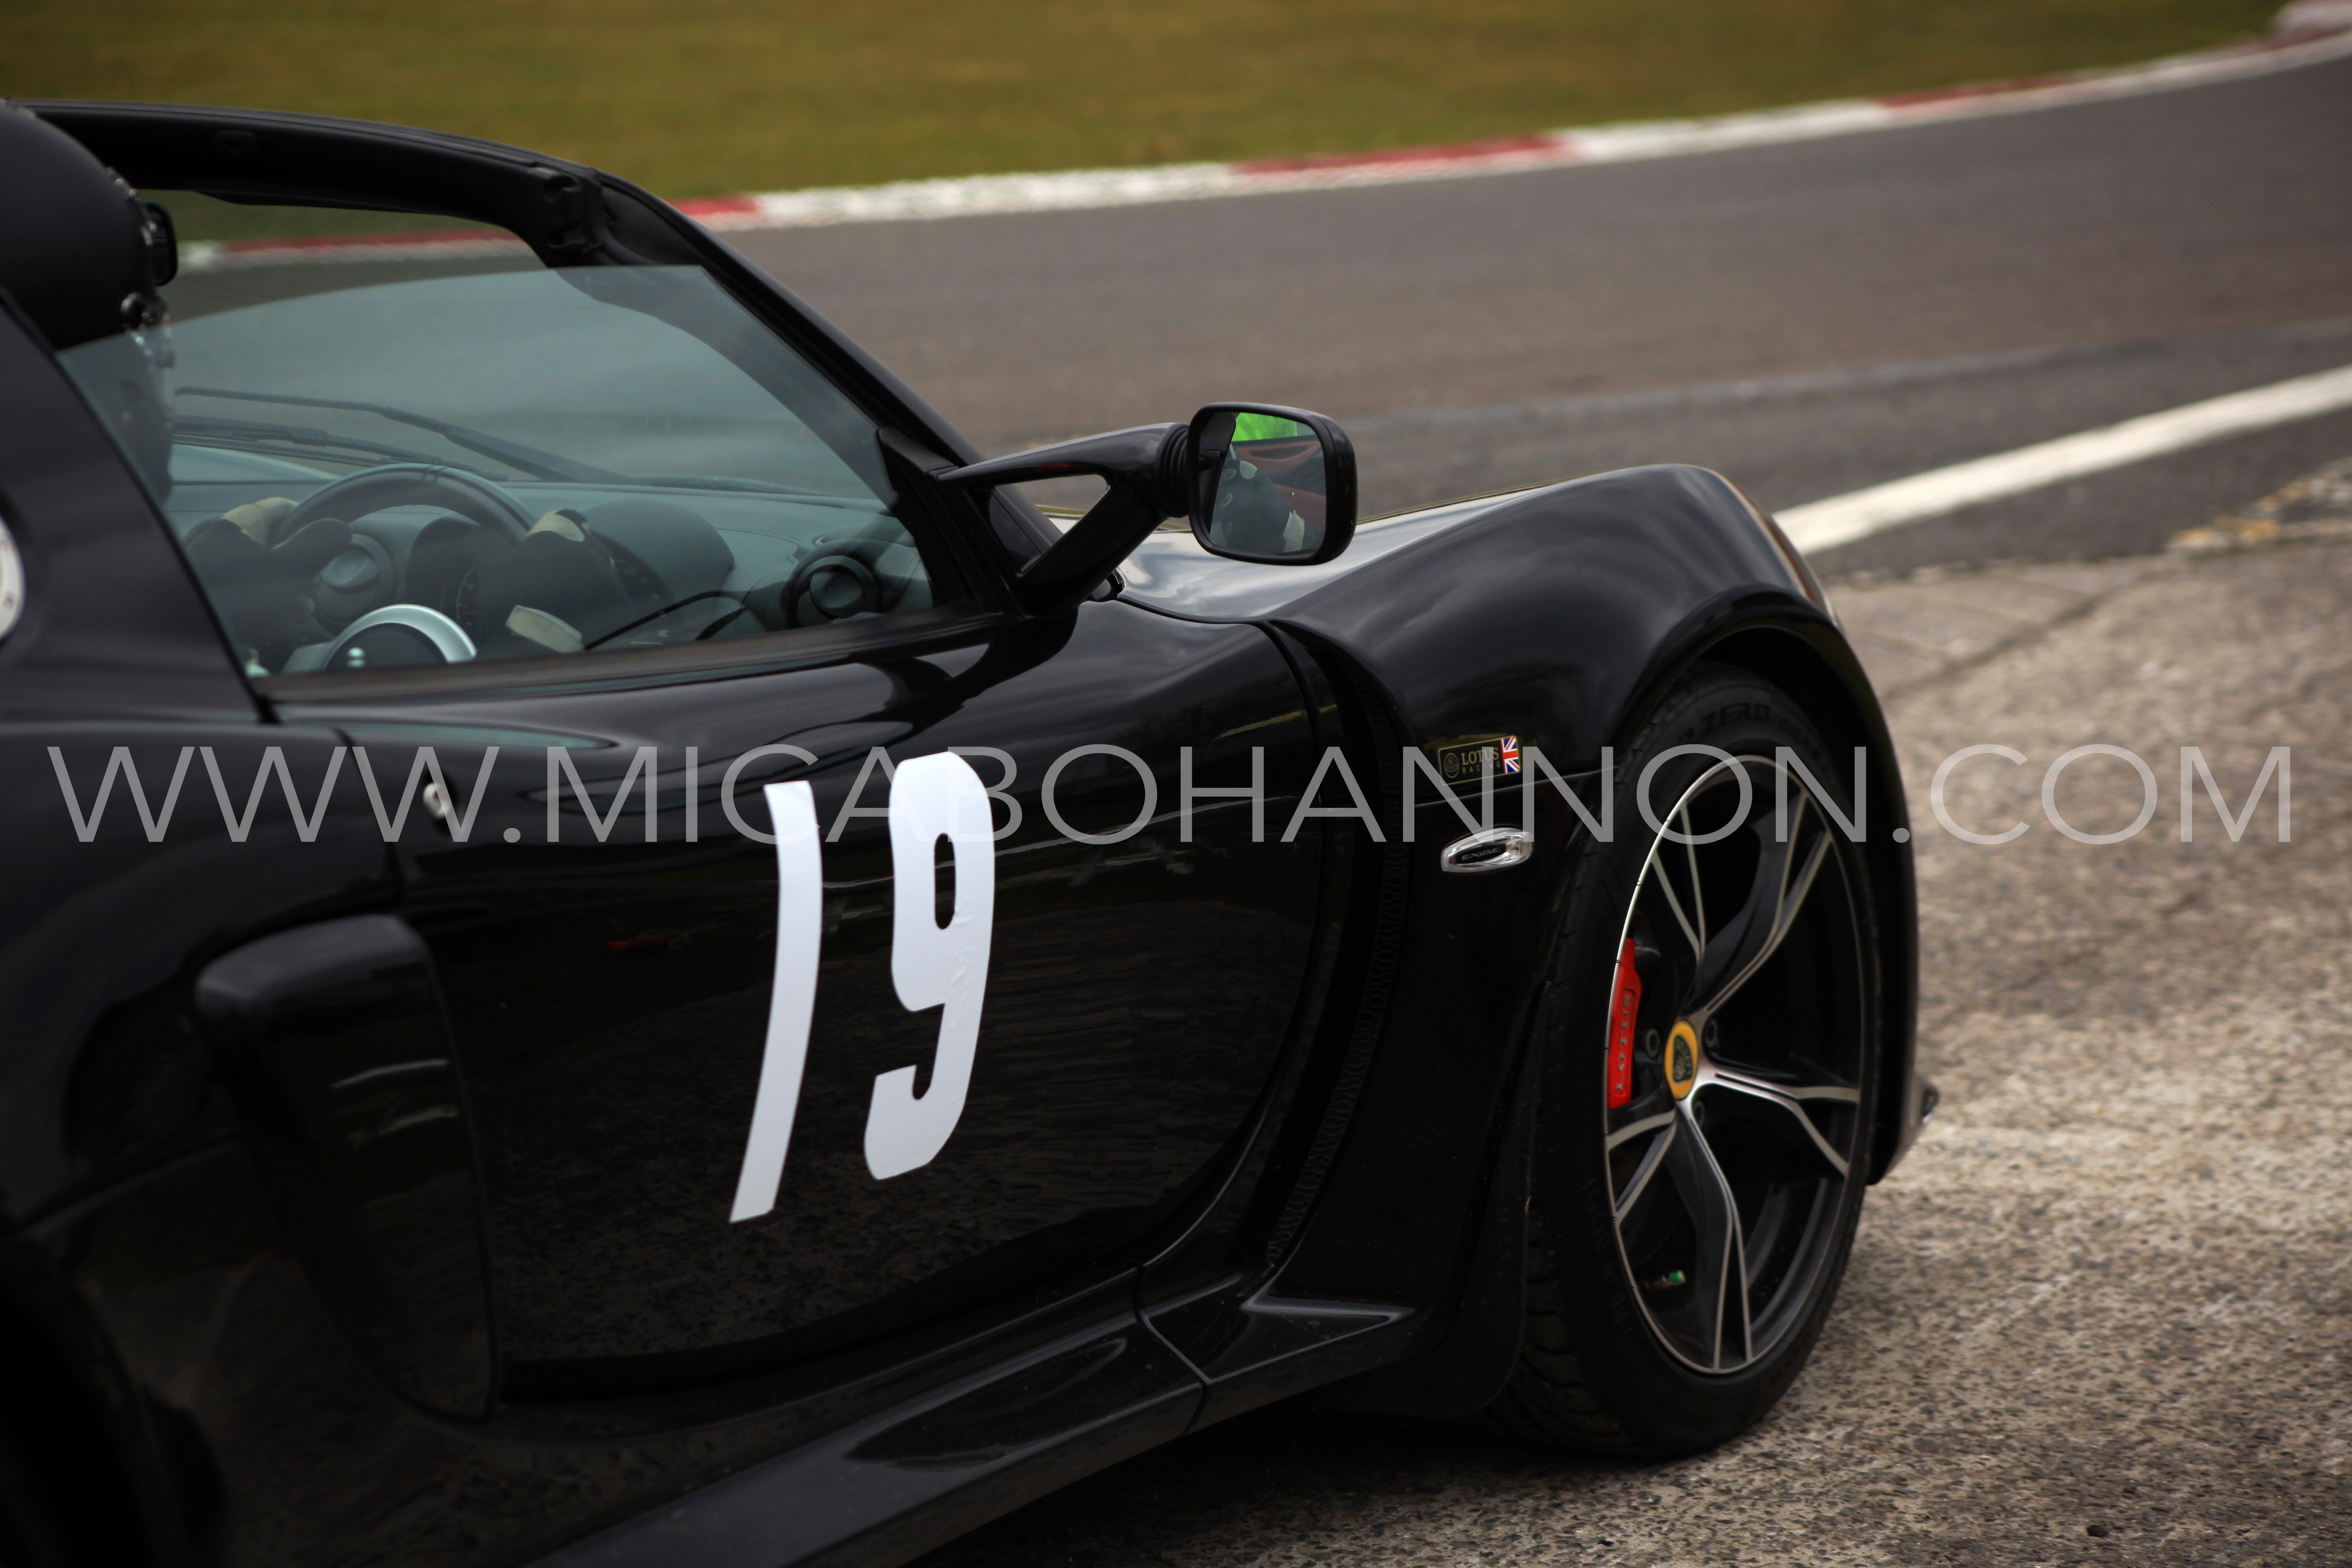 black car number 19